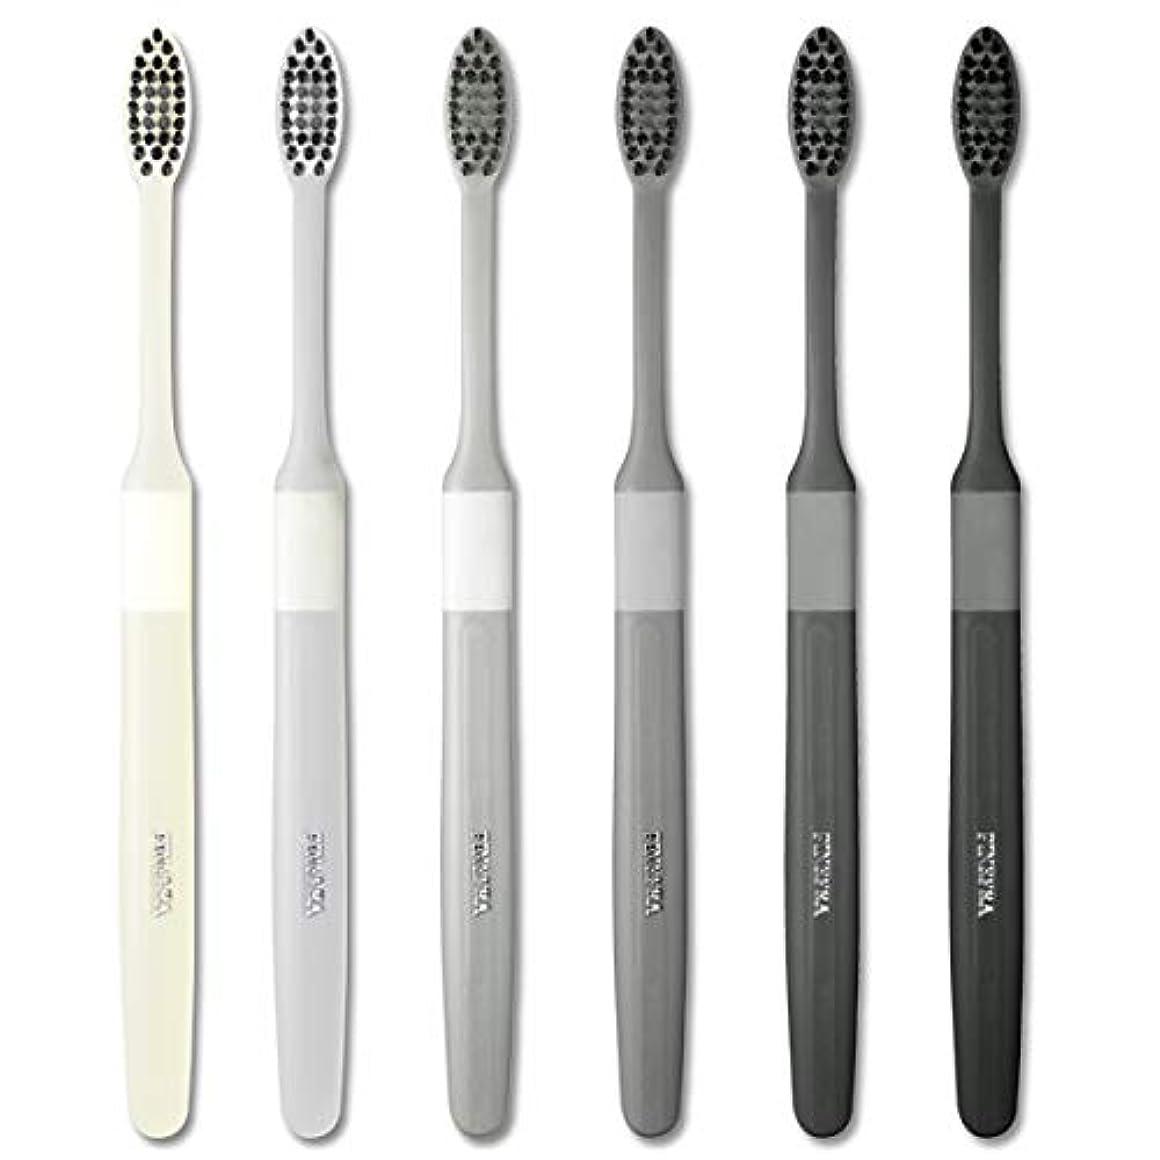 レパートリーワイヤー試験FINEFRA歯ブラシ(6本セット)